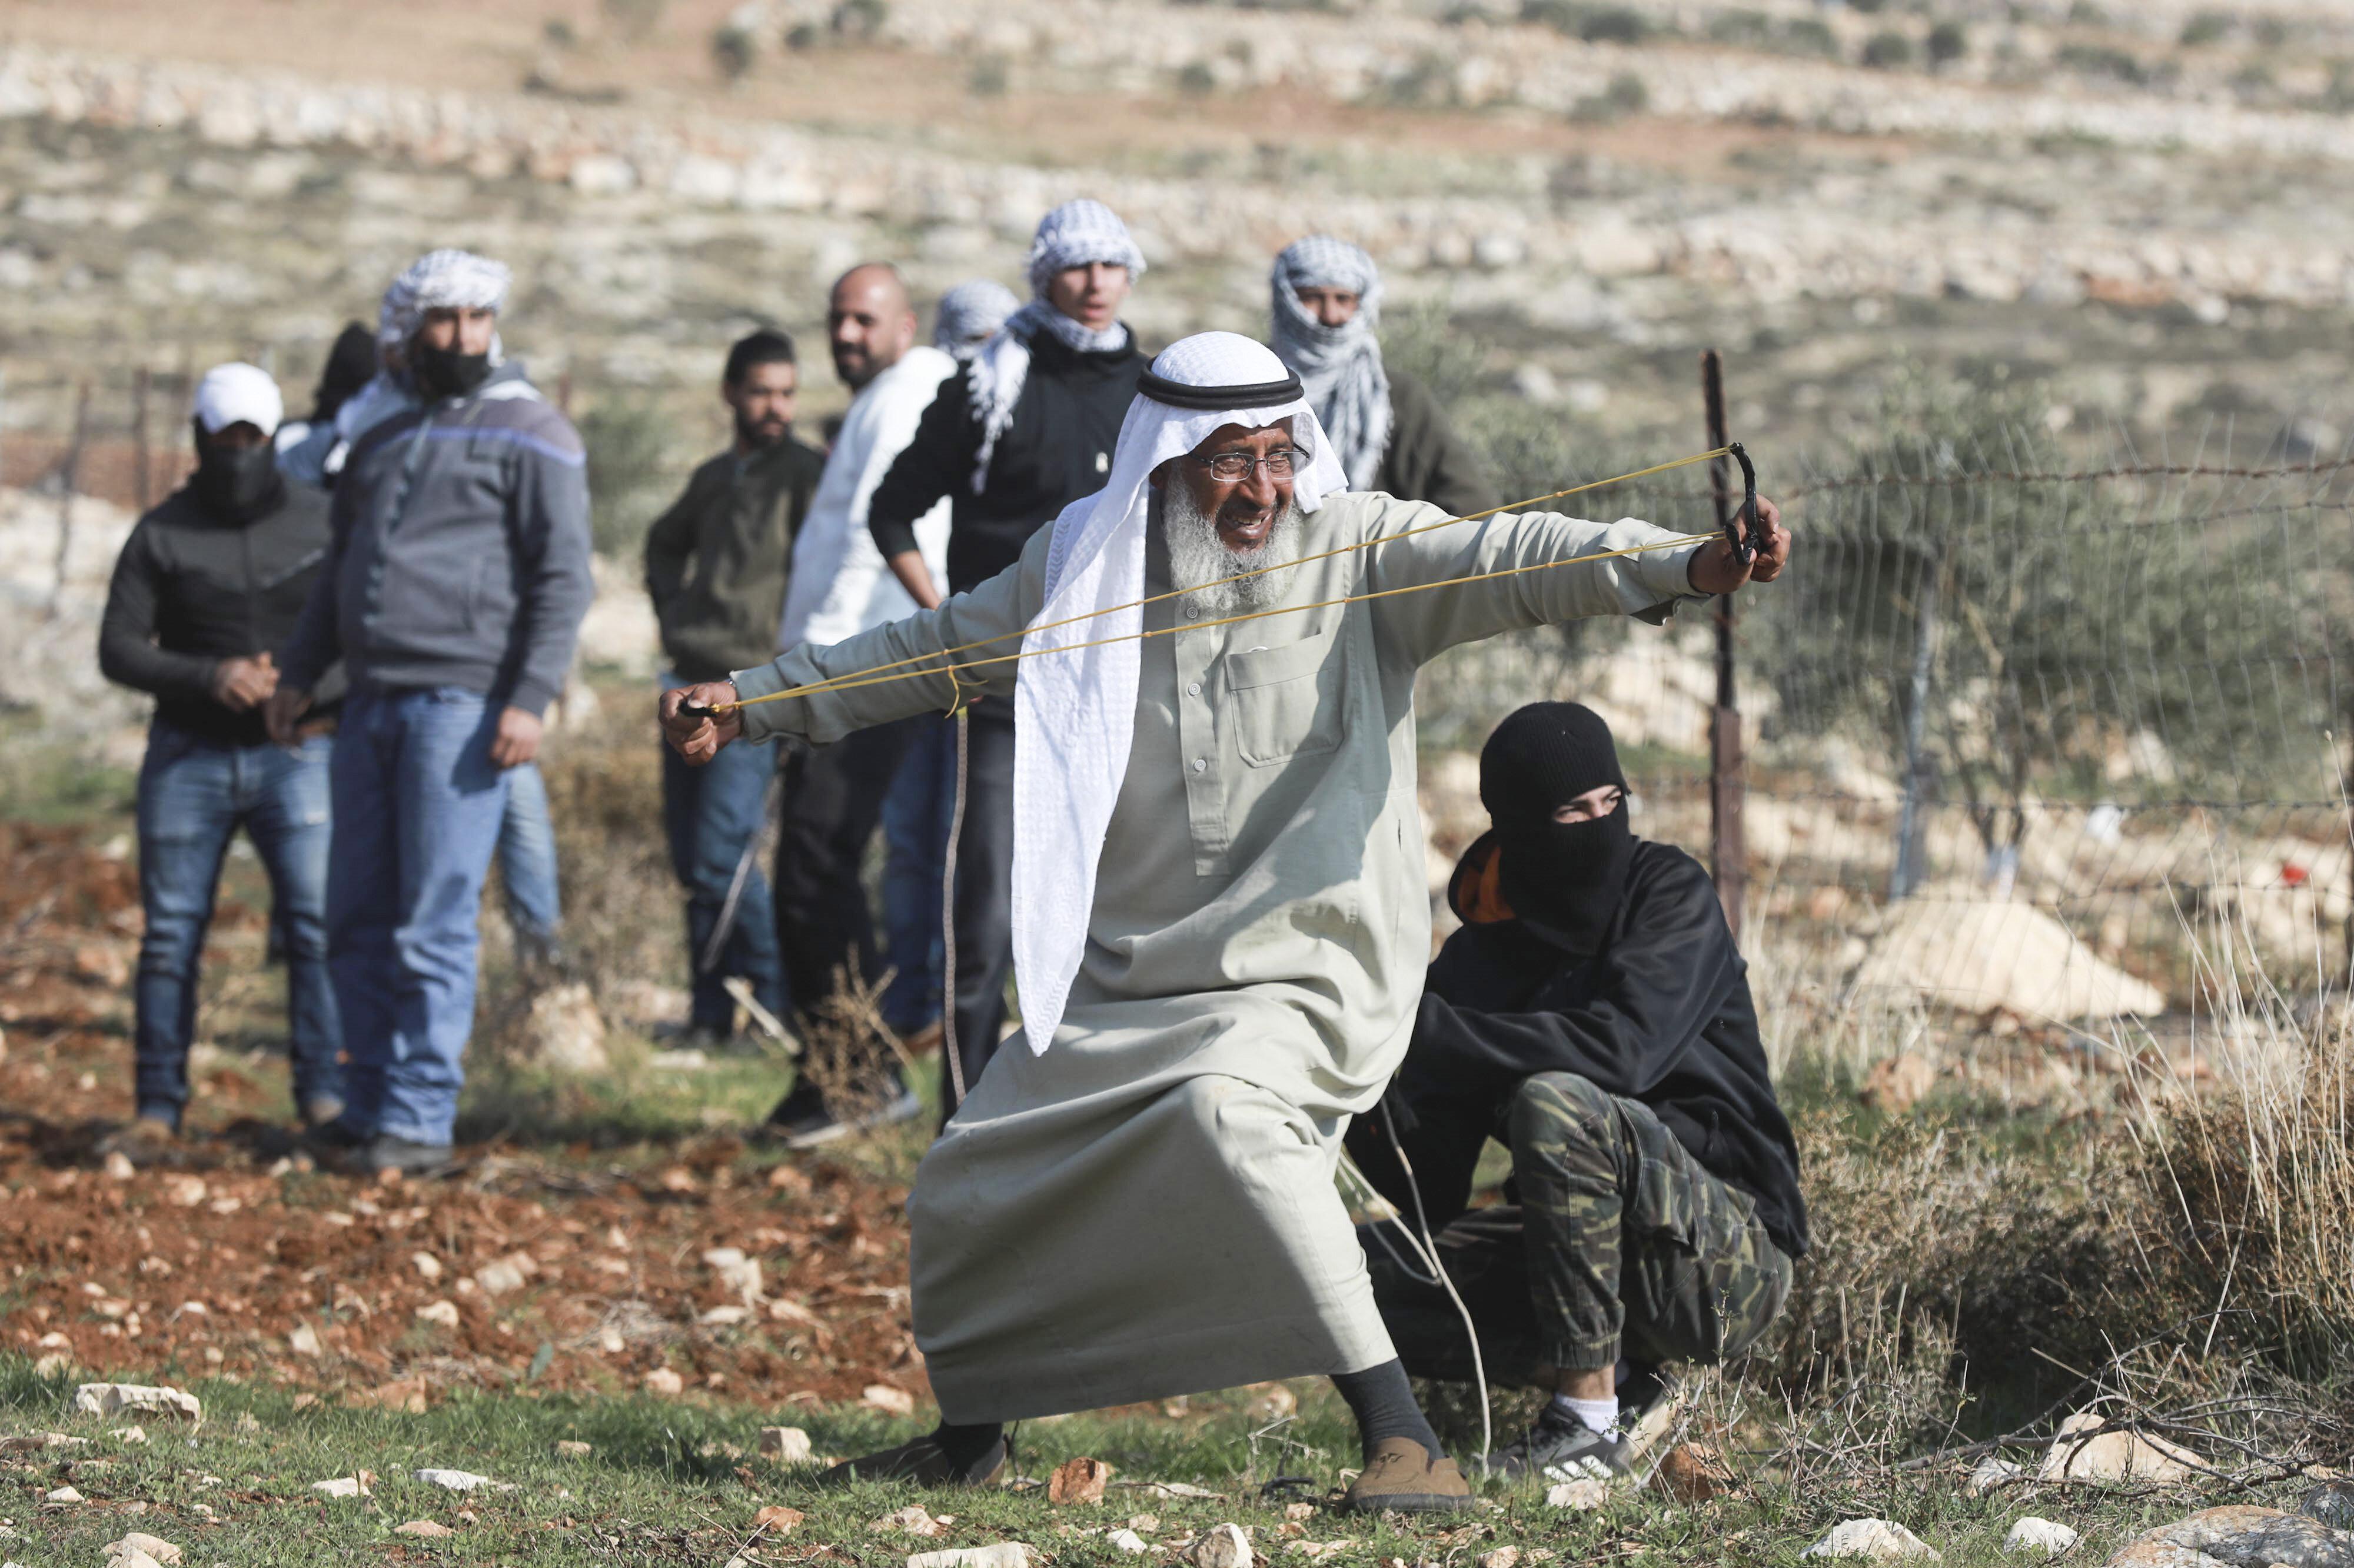 Ebu'l Abd, İsrail askerleriyle sıcak temas noktasında bulunarak birçok defa canını tehlikeye attı.